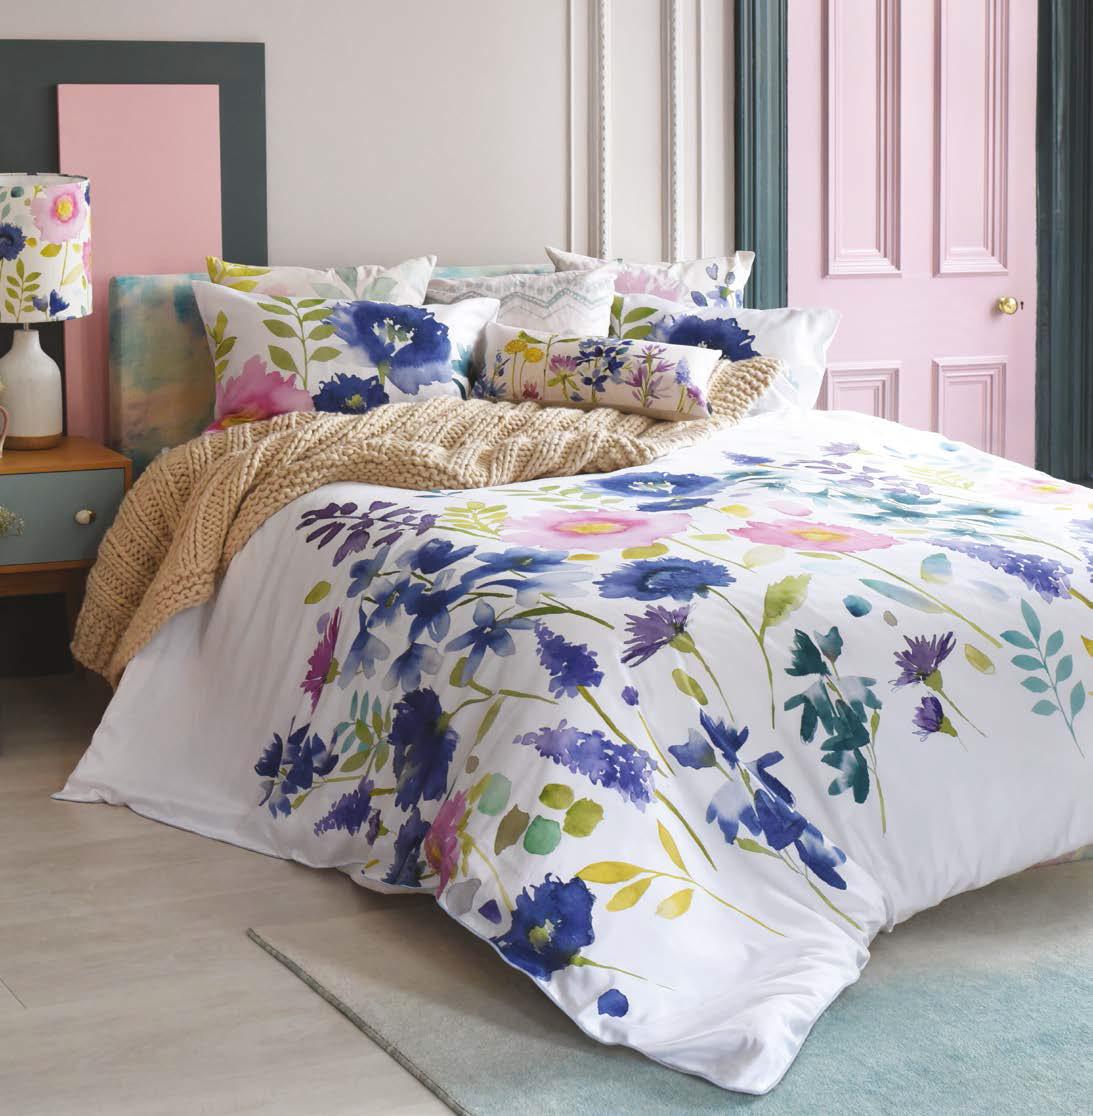 wohlf hlen bettw sche florrie von bluebellgray ambiarte. Black Bedroom Furniture Sets. Home Design Ideas